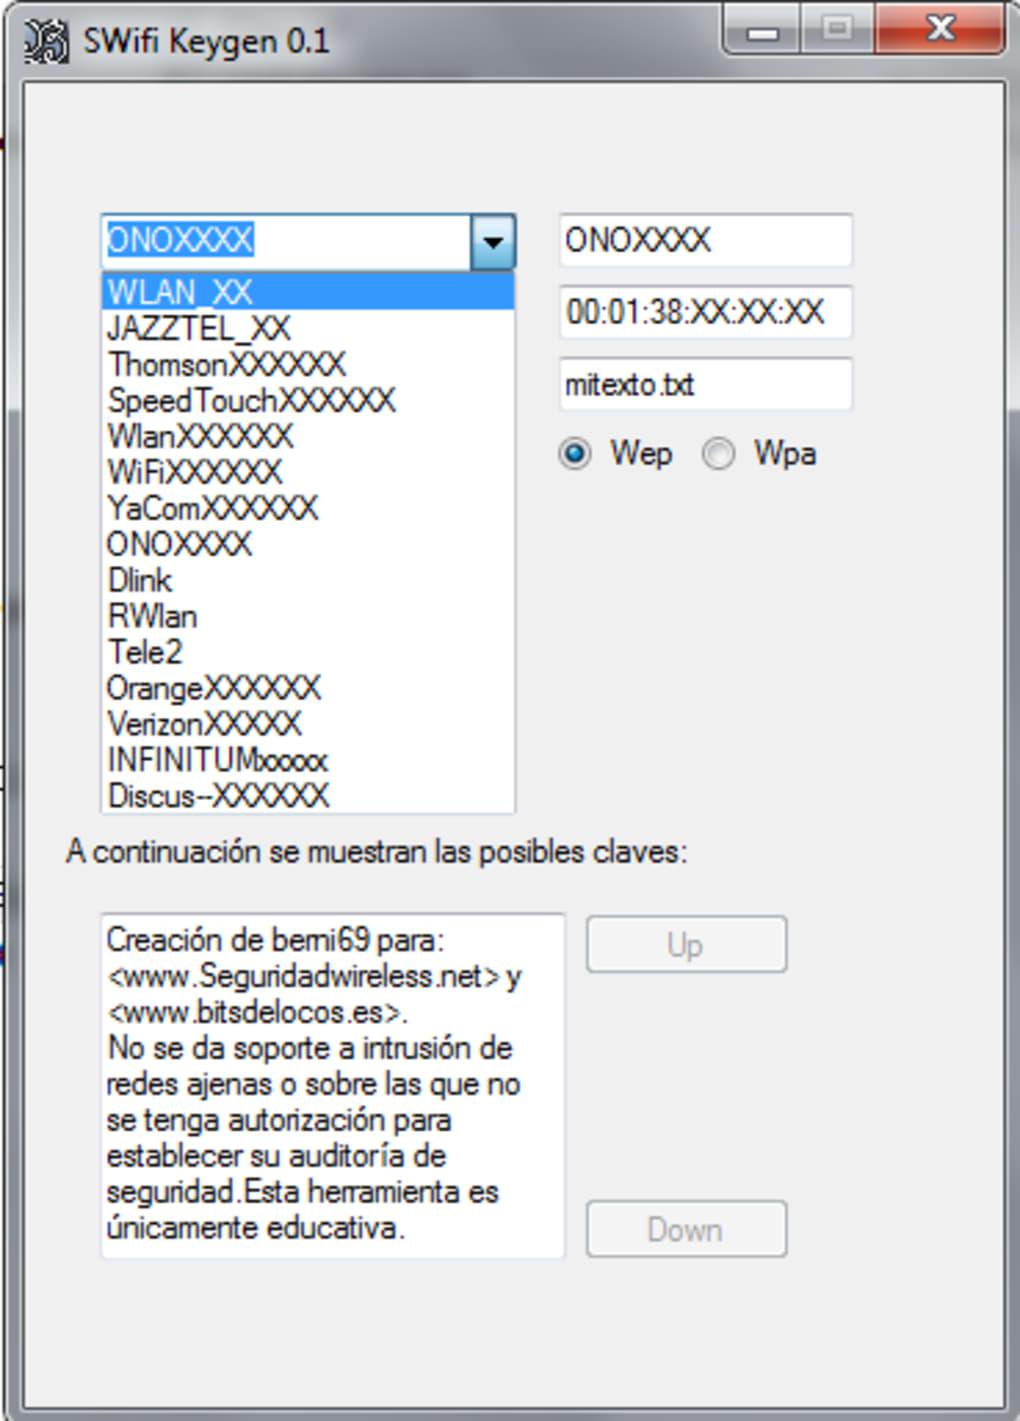 aircrack-ng-0.6.2-win windows 7